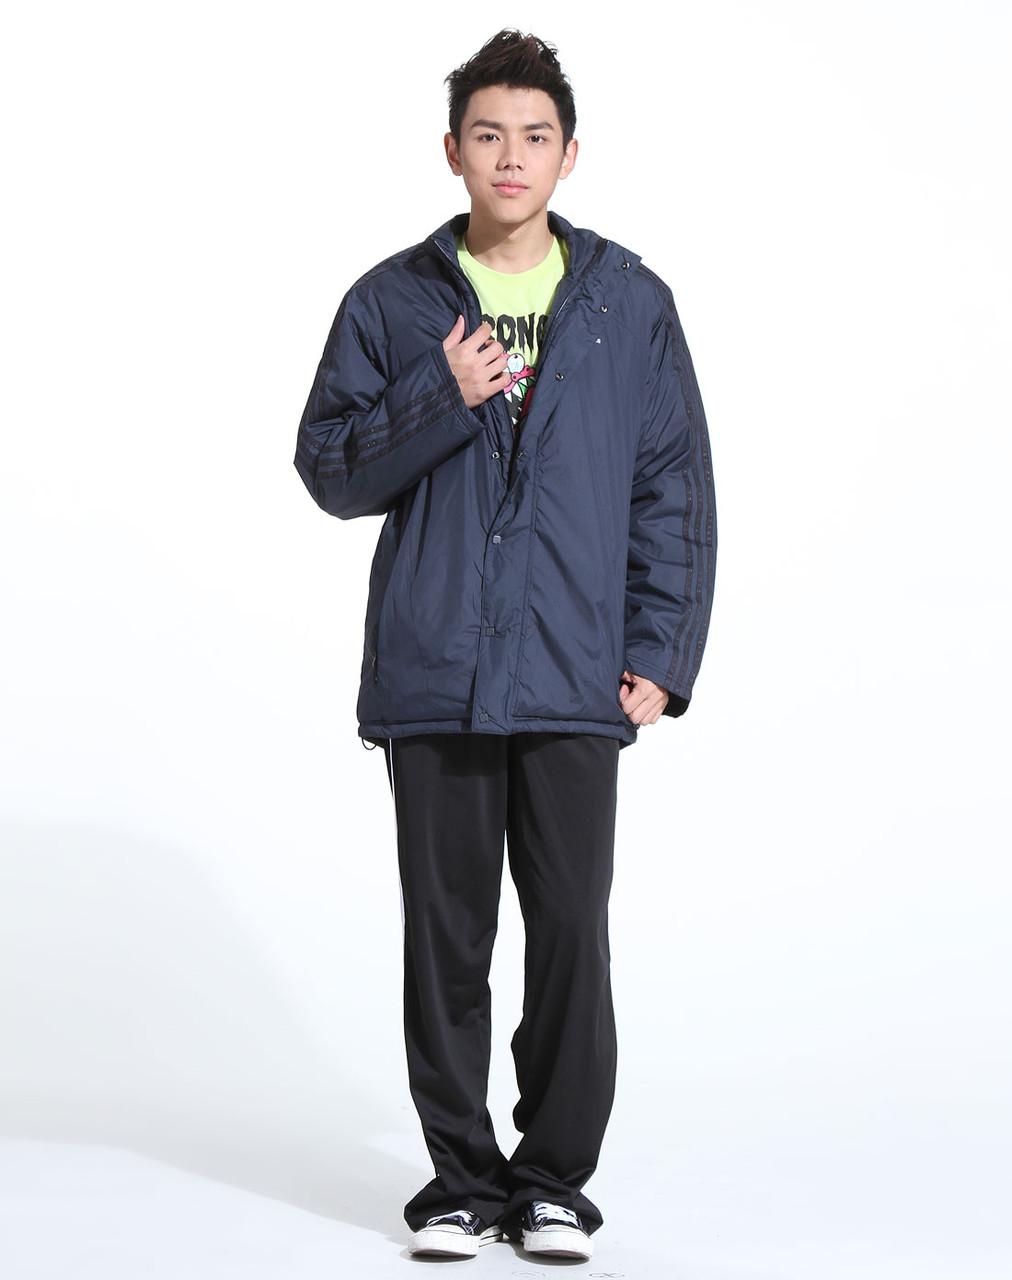 Куртка зимняя спортивная, мужская Adidas 365 P.Jacket climaproof P91583 адидас